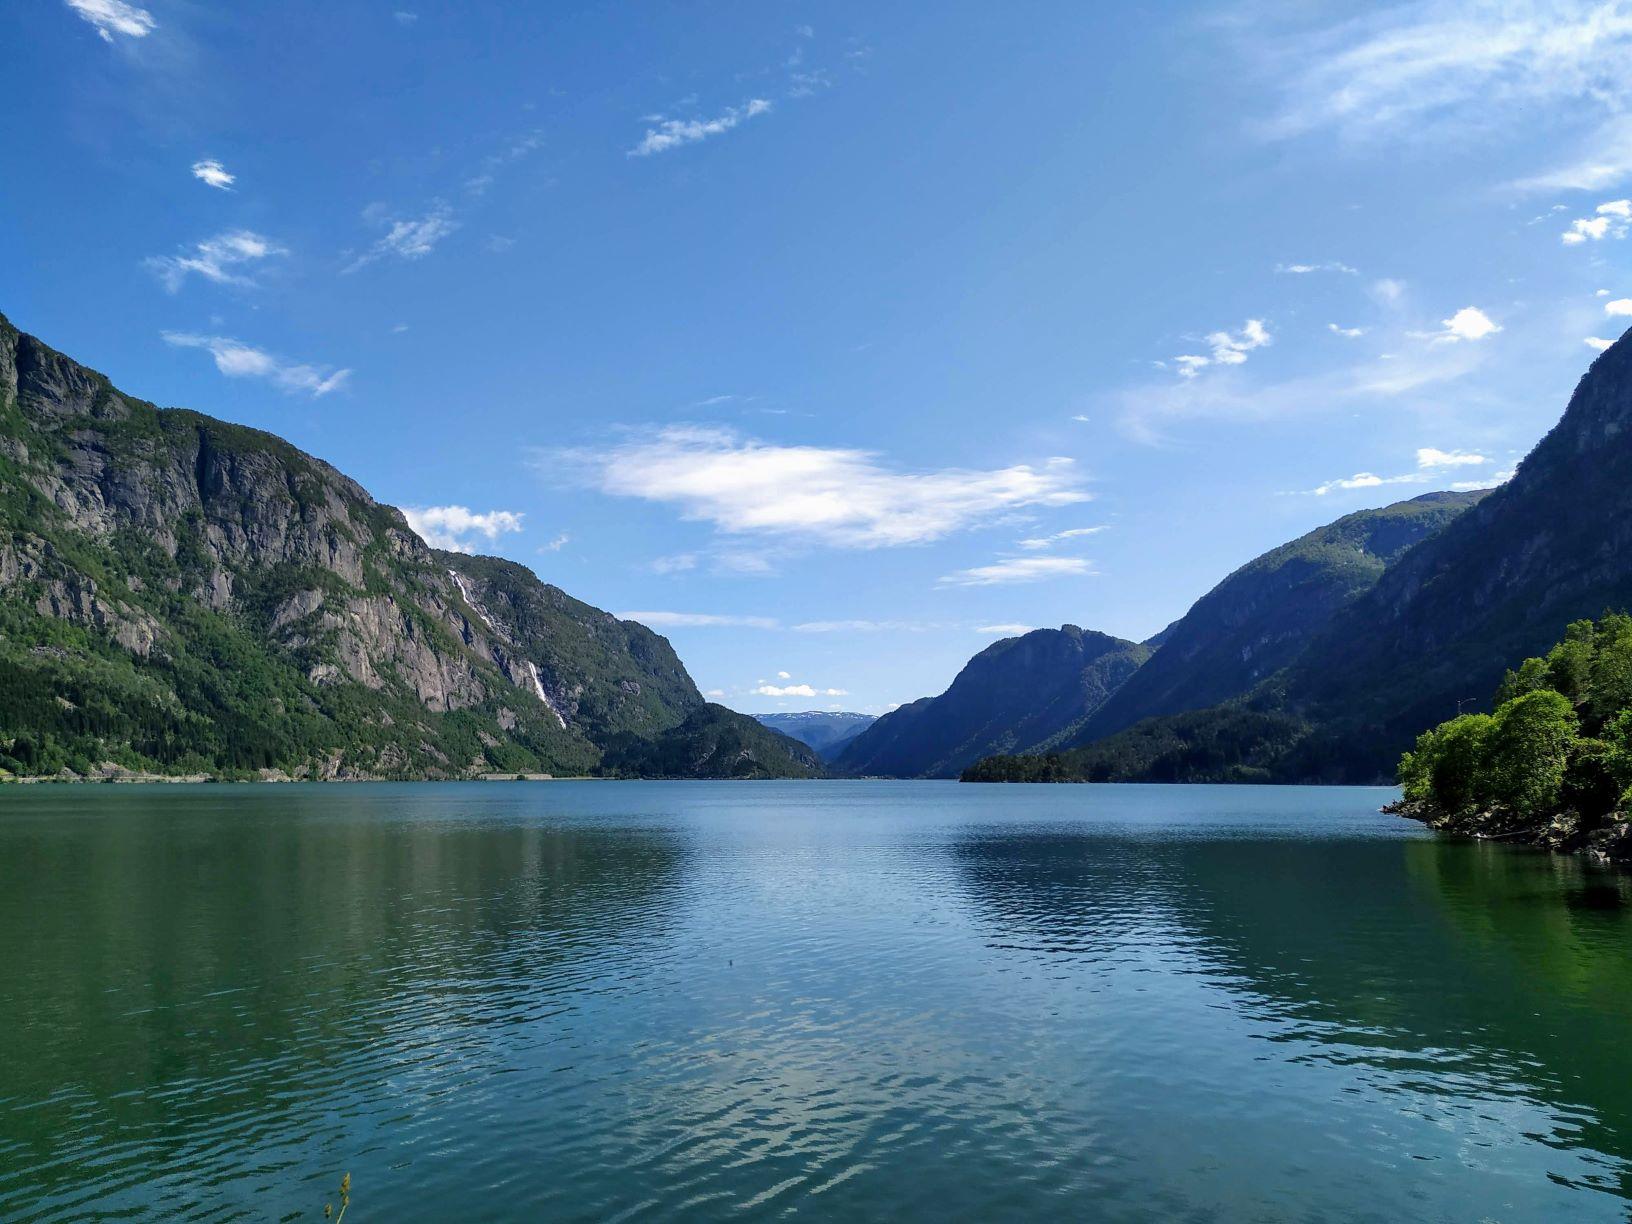 lysfjorden